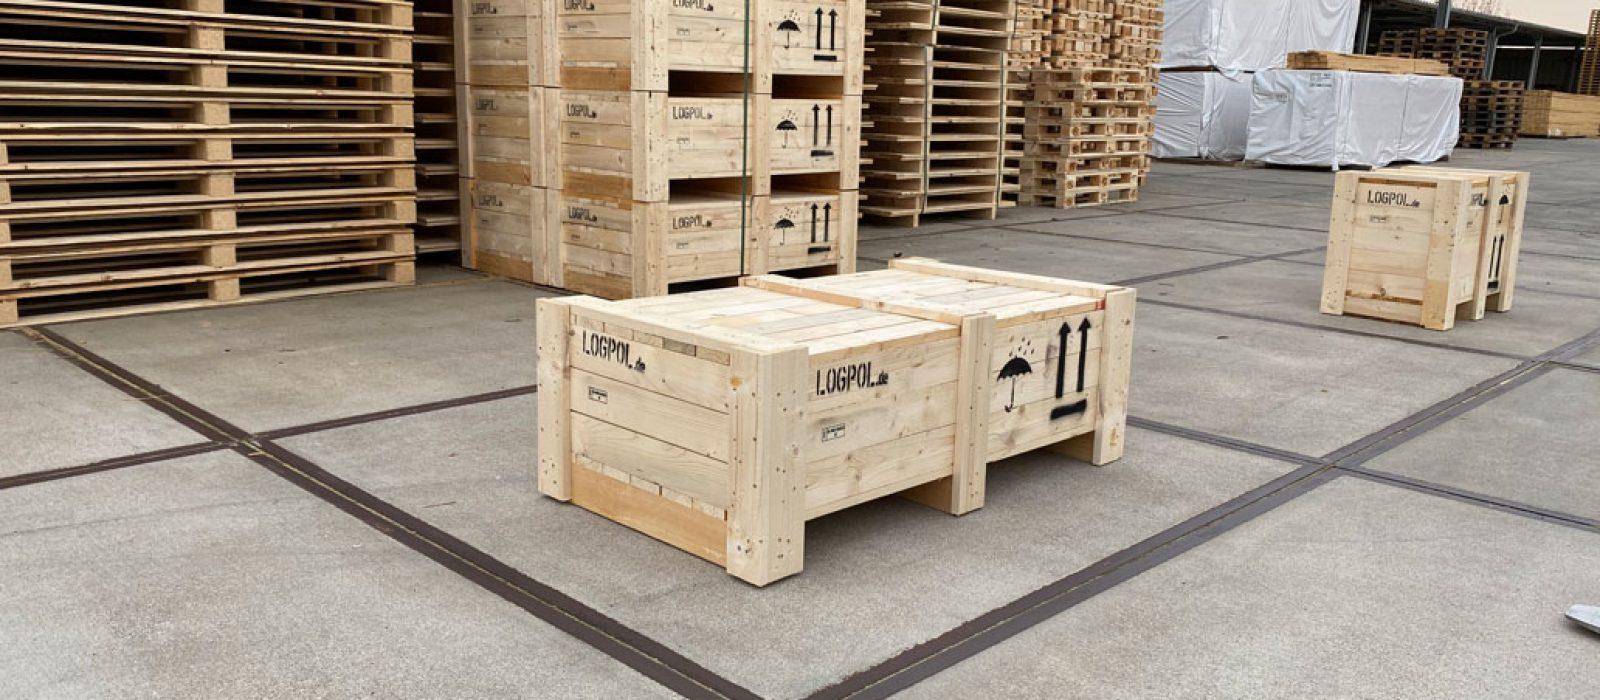 Holzkiste-1200x600x300-LOGPOL